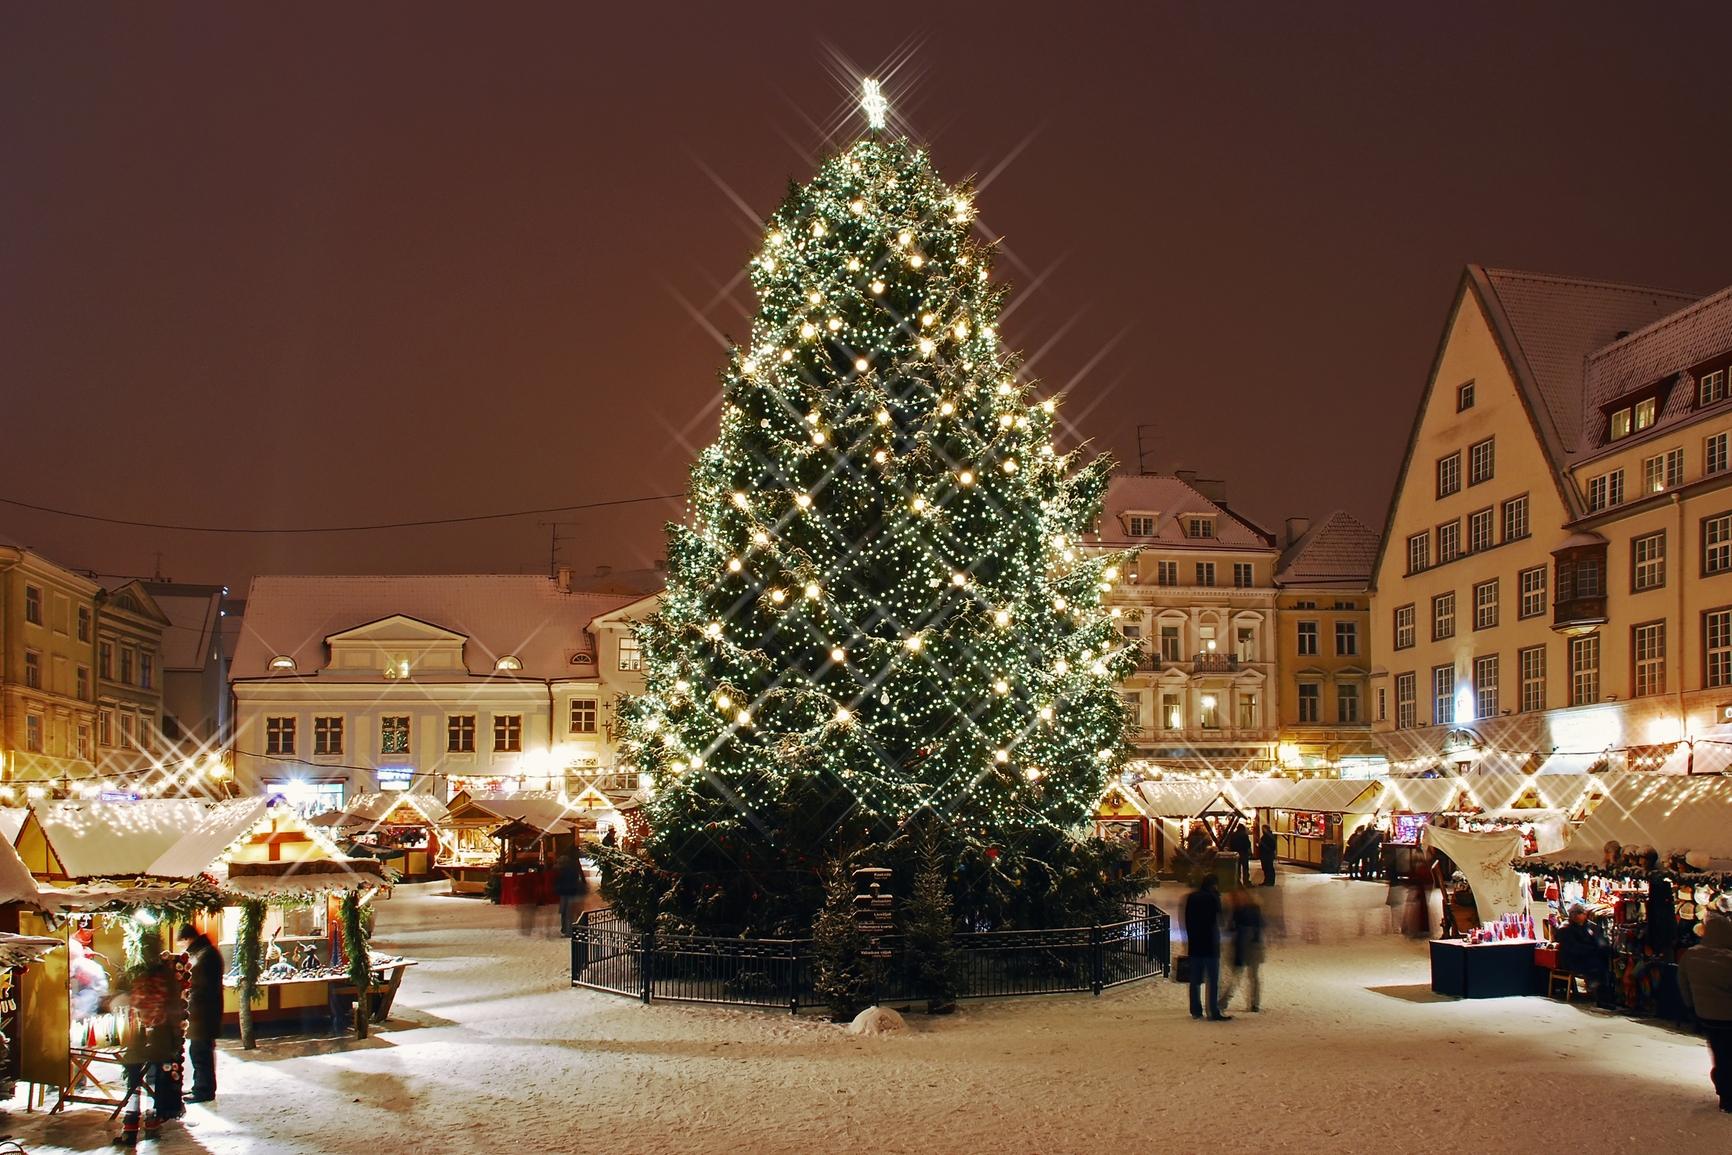 Выбираем сим-карту в России для поездки в Таллин на новогодние праздники